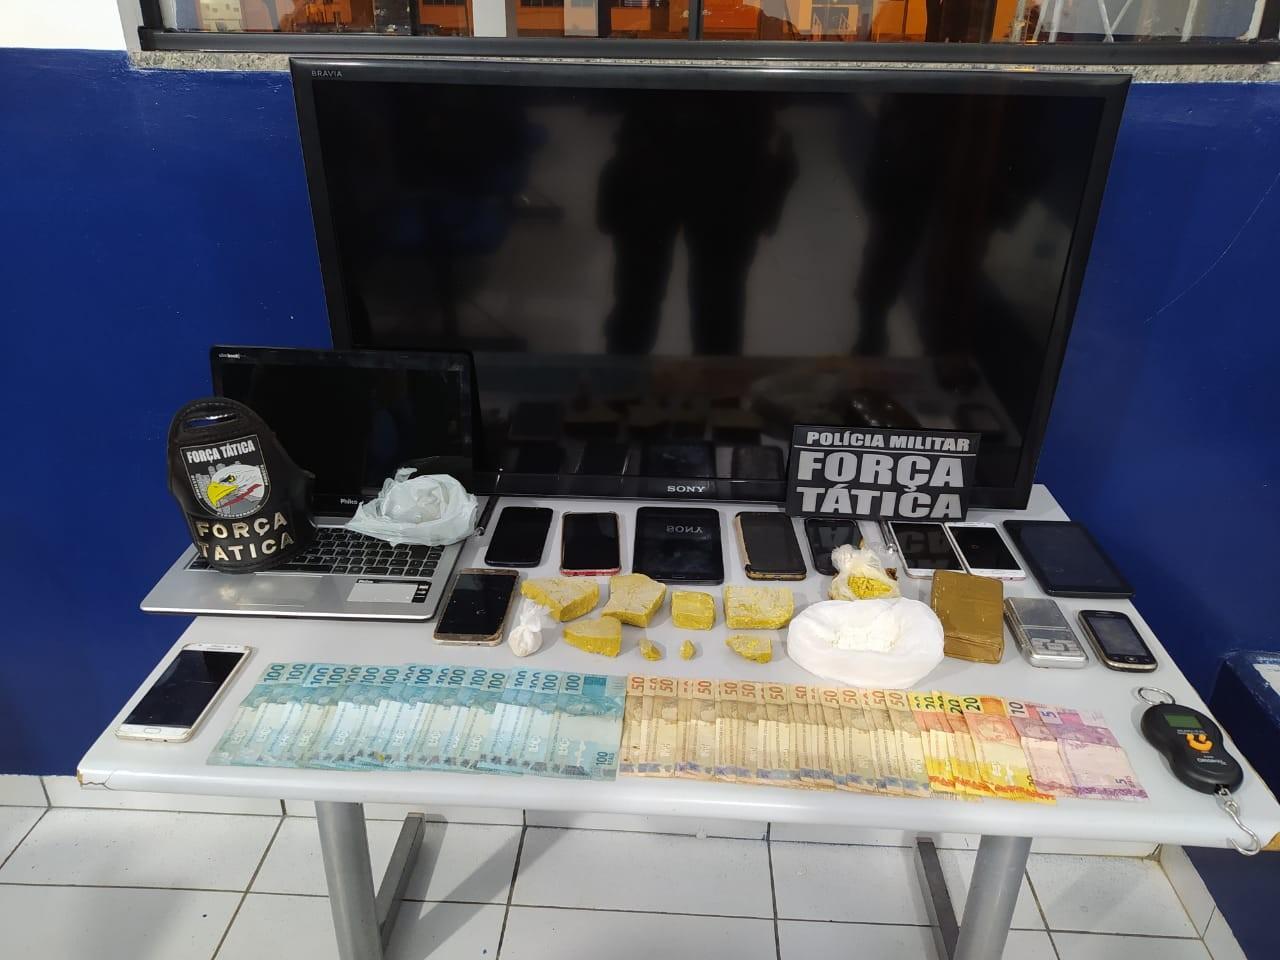 Bolivianos com documentos falsos são presos suspeitos de tráfico de drogas em MT